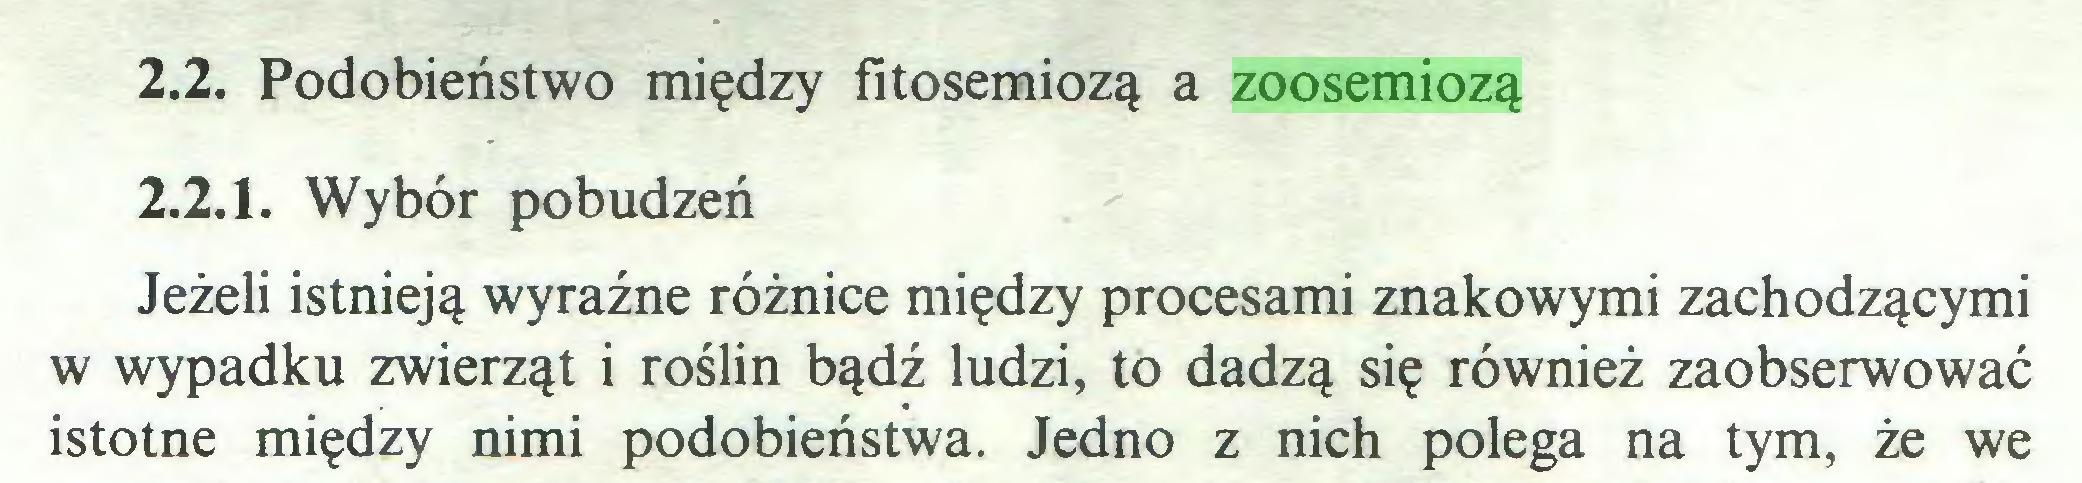 (...) 2.2. Podobieństwo między fitosemiozą a zoosemiozą 2.2.1. Wybór pobudzeń Jeżeli istnieją wyraźne różnice między procesami znakowymi zachodzącymi w wypadku zwierząt i roślin bądź ludzi, to dadzą się również zaobserwować istotne między nimi podobieństwa. Jedno z nich polega na tym, że we...